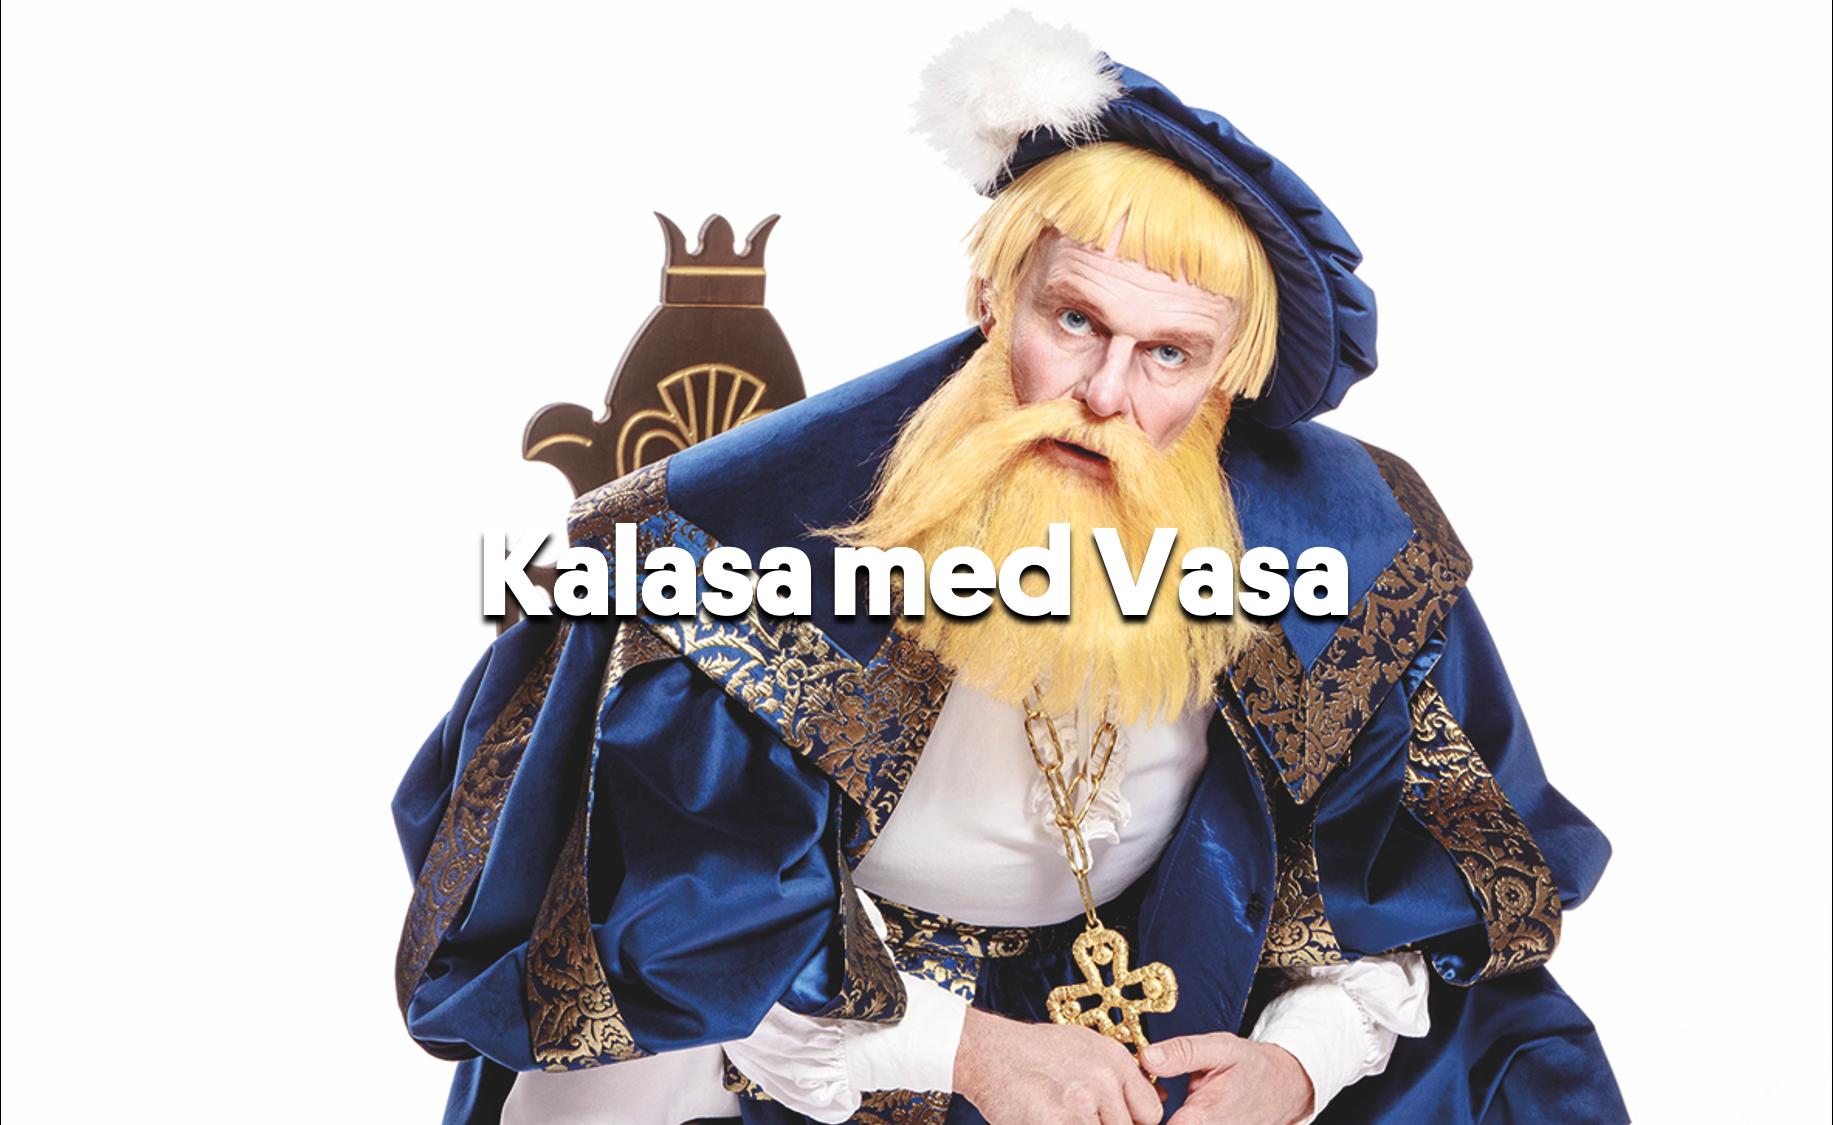 Länk till utdrag på Vimeo av Kalasa med Vasa